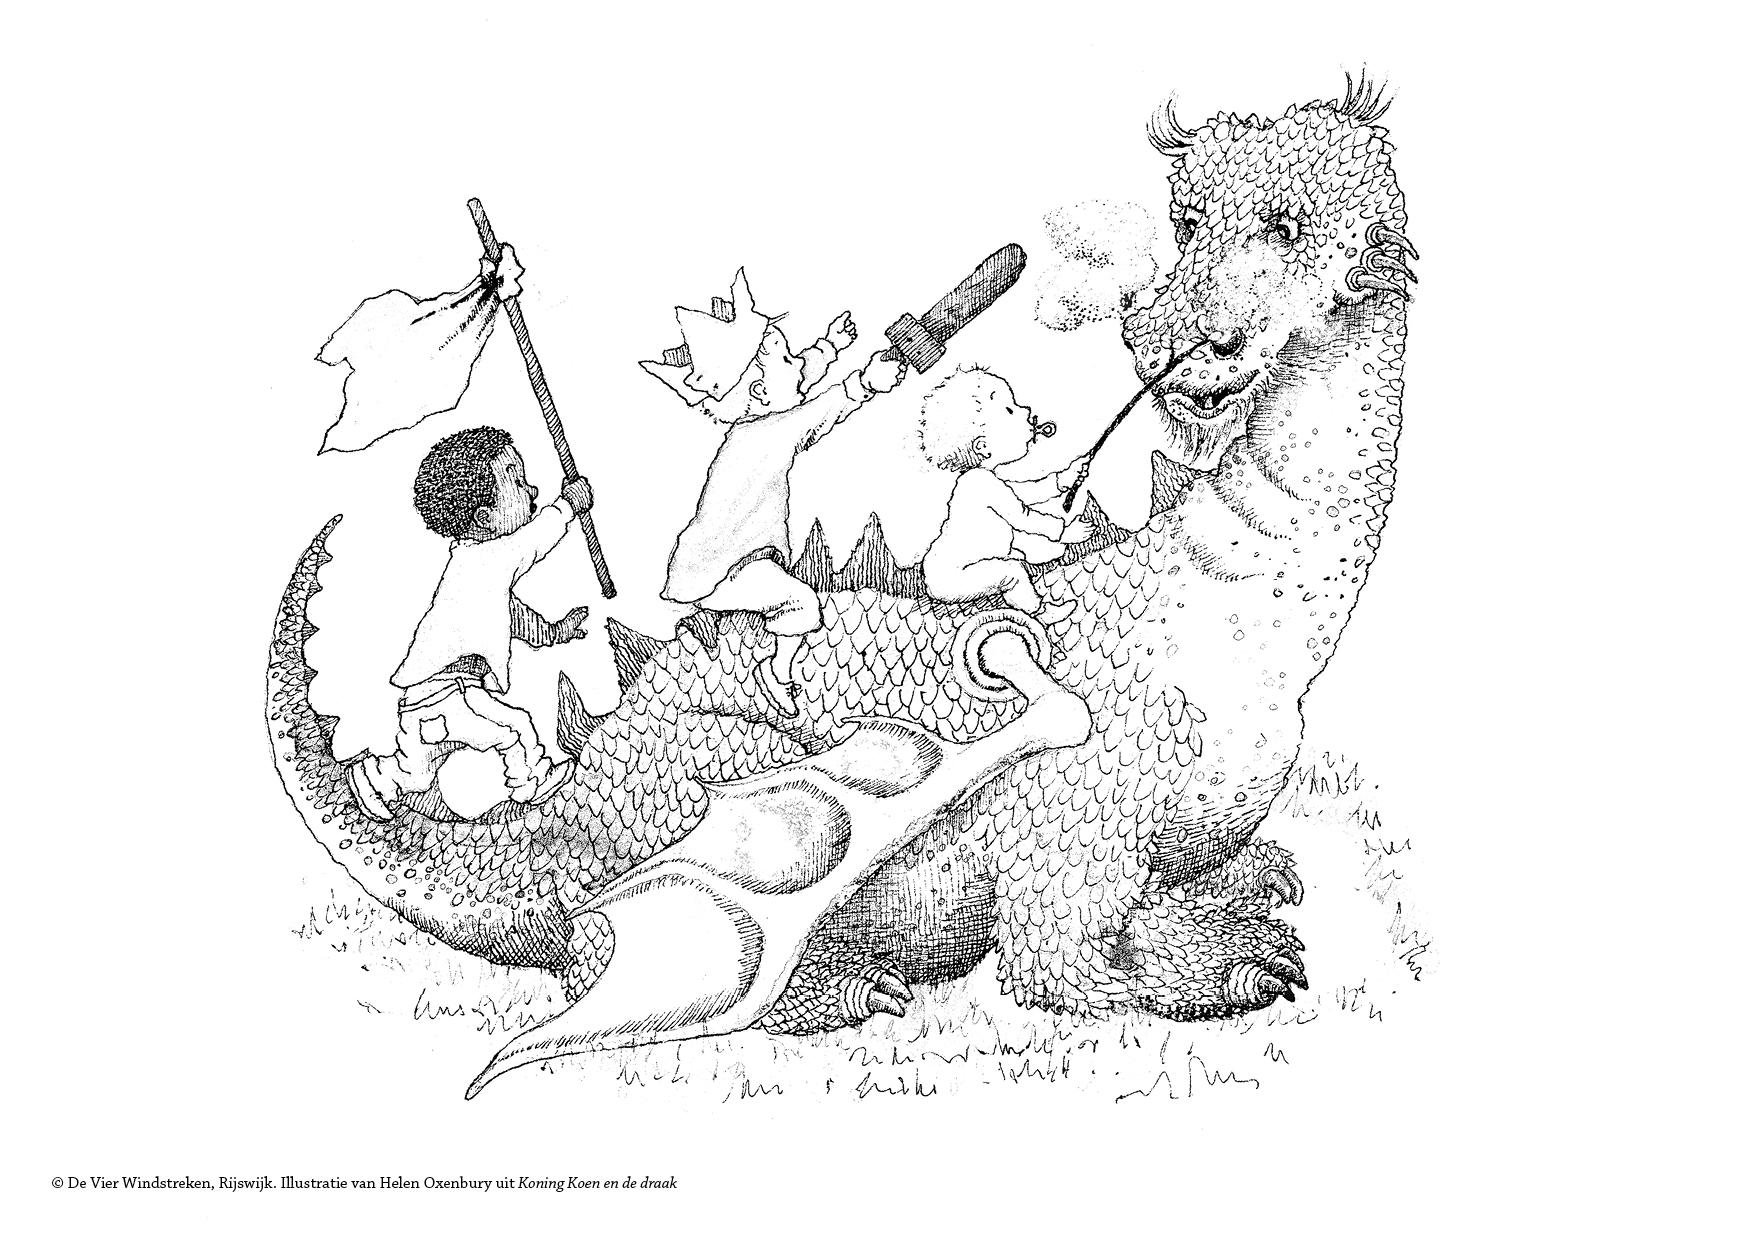 Kleurplaat Koning Koen en de draak